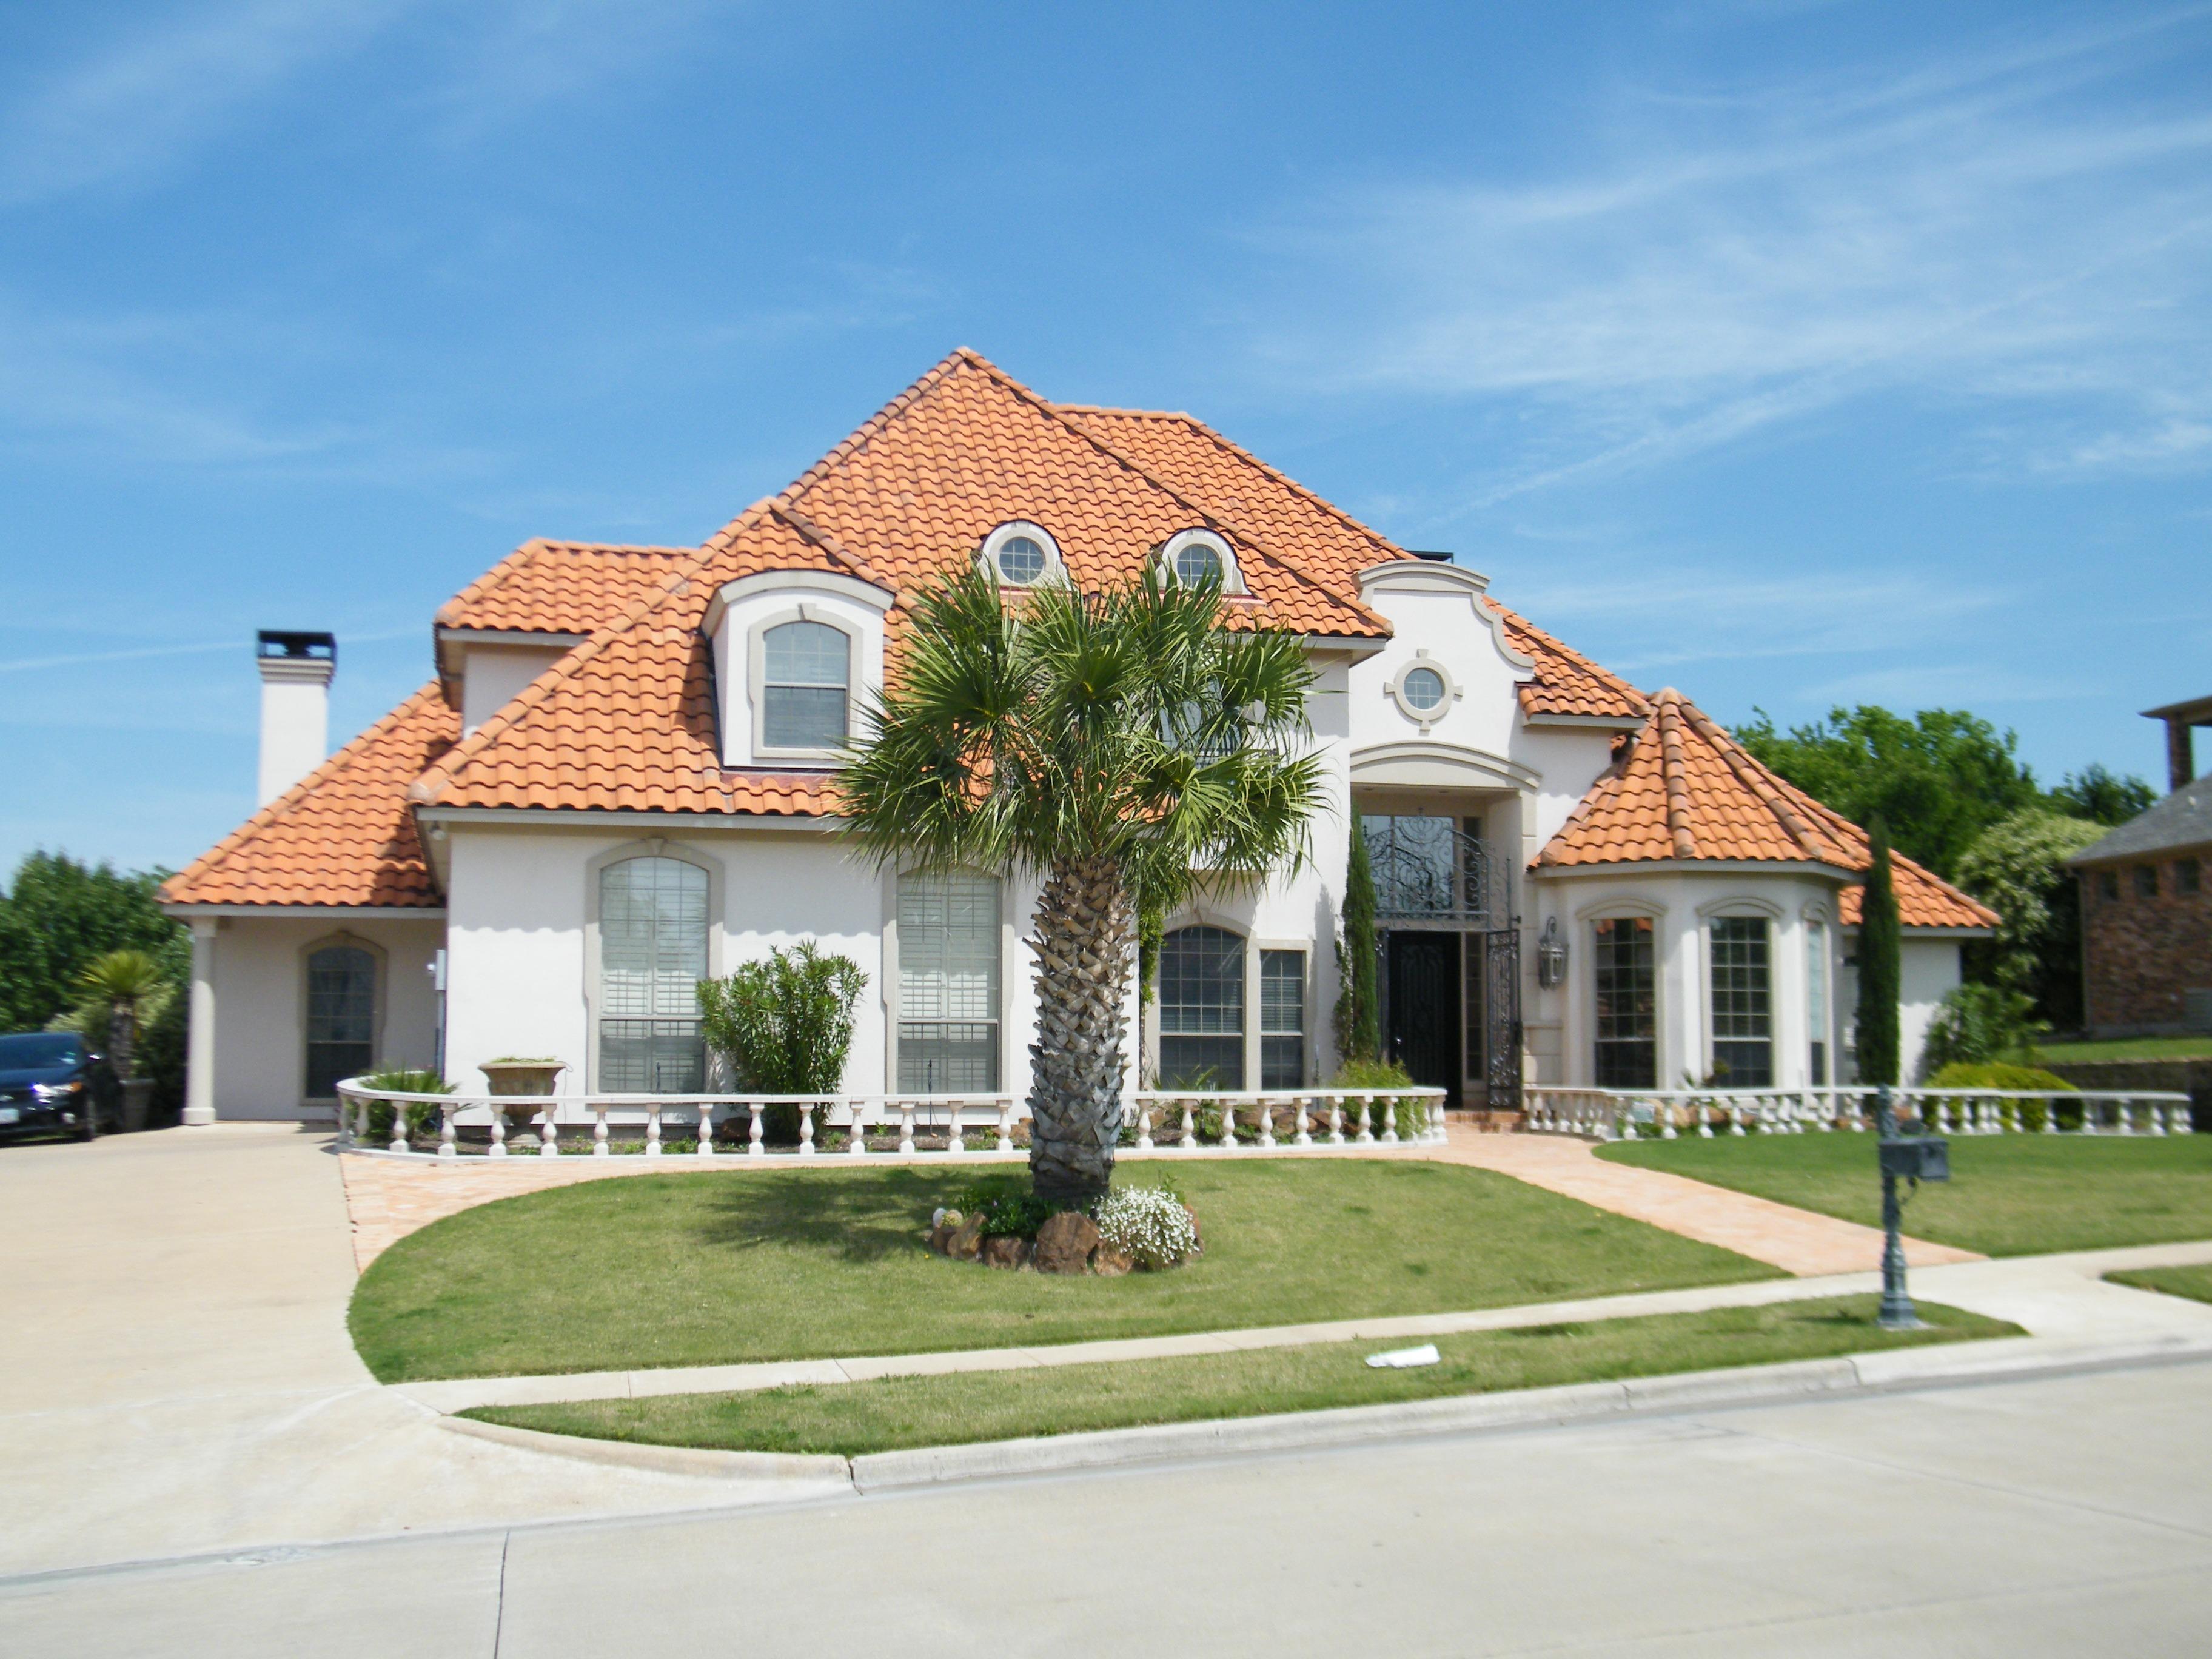 Rasen Villa Villa Haus Palme Dach Gebäude Zuhause Vorort Fassade Residenz  Eigentum Blauer Himmel Fliesen Immobilien